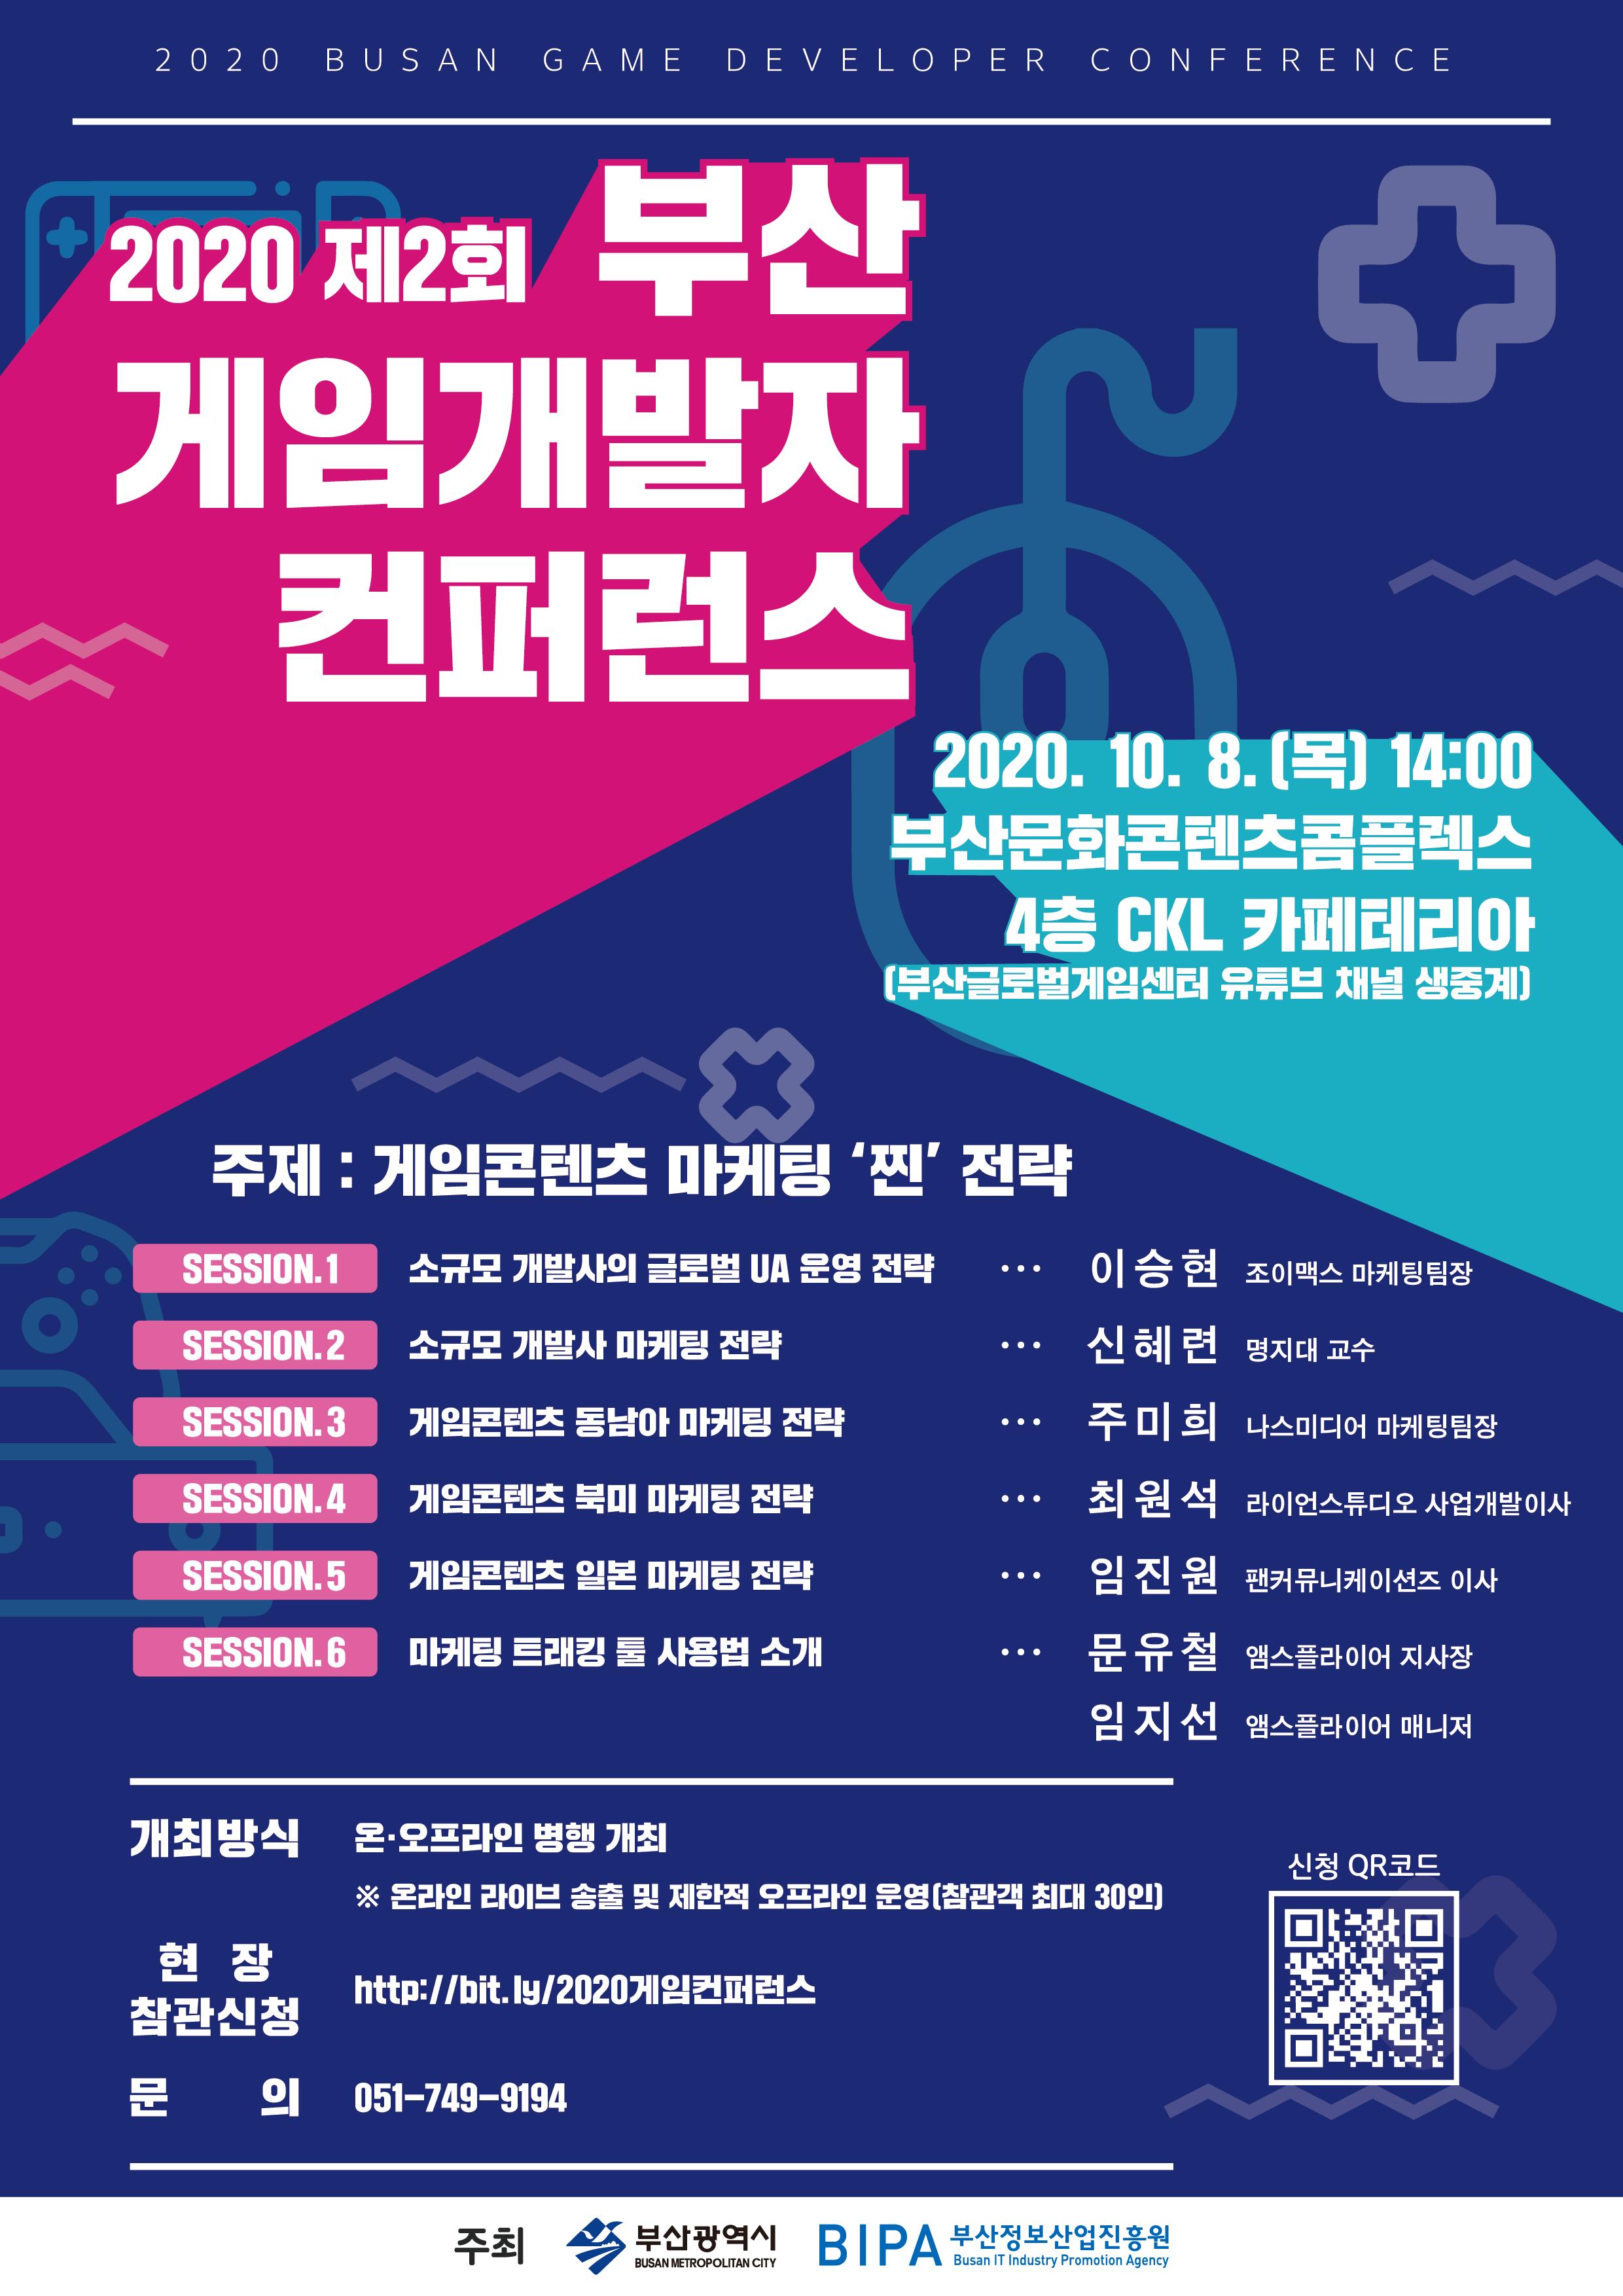 2020 제2회 부산 게임 개발자 컨퍼런스 개최